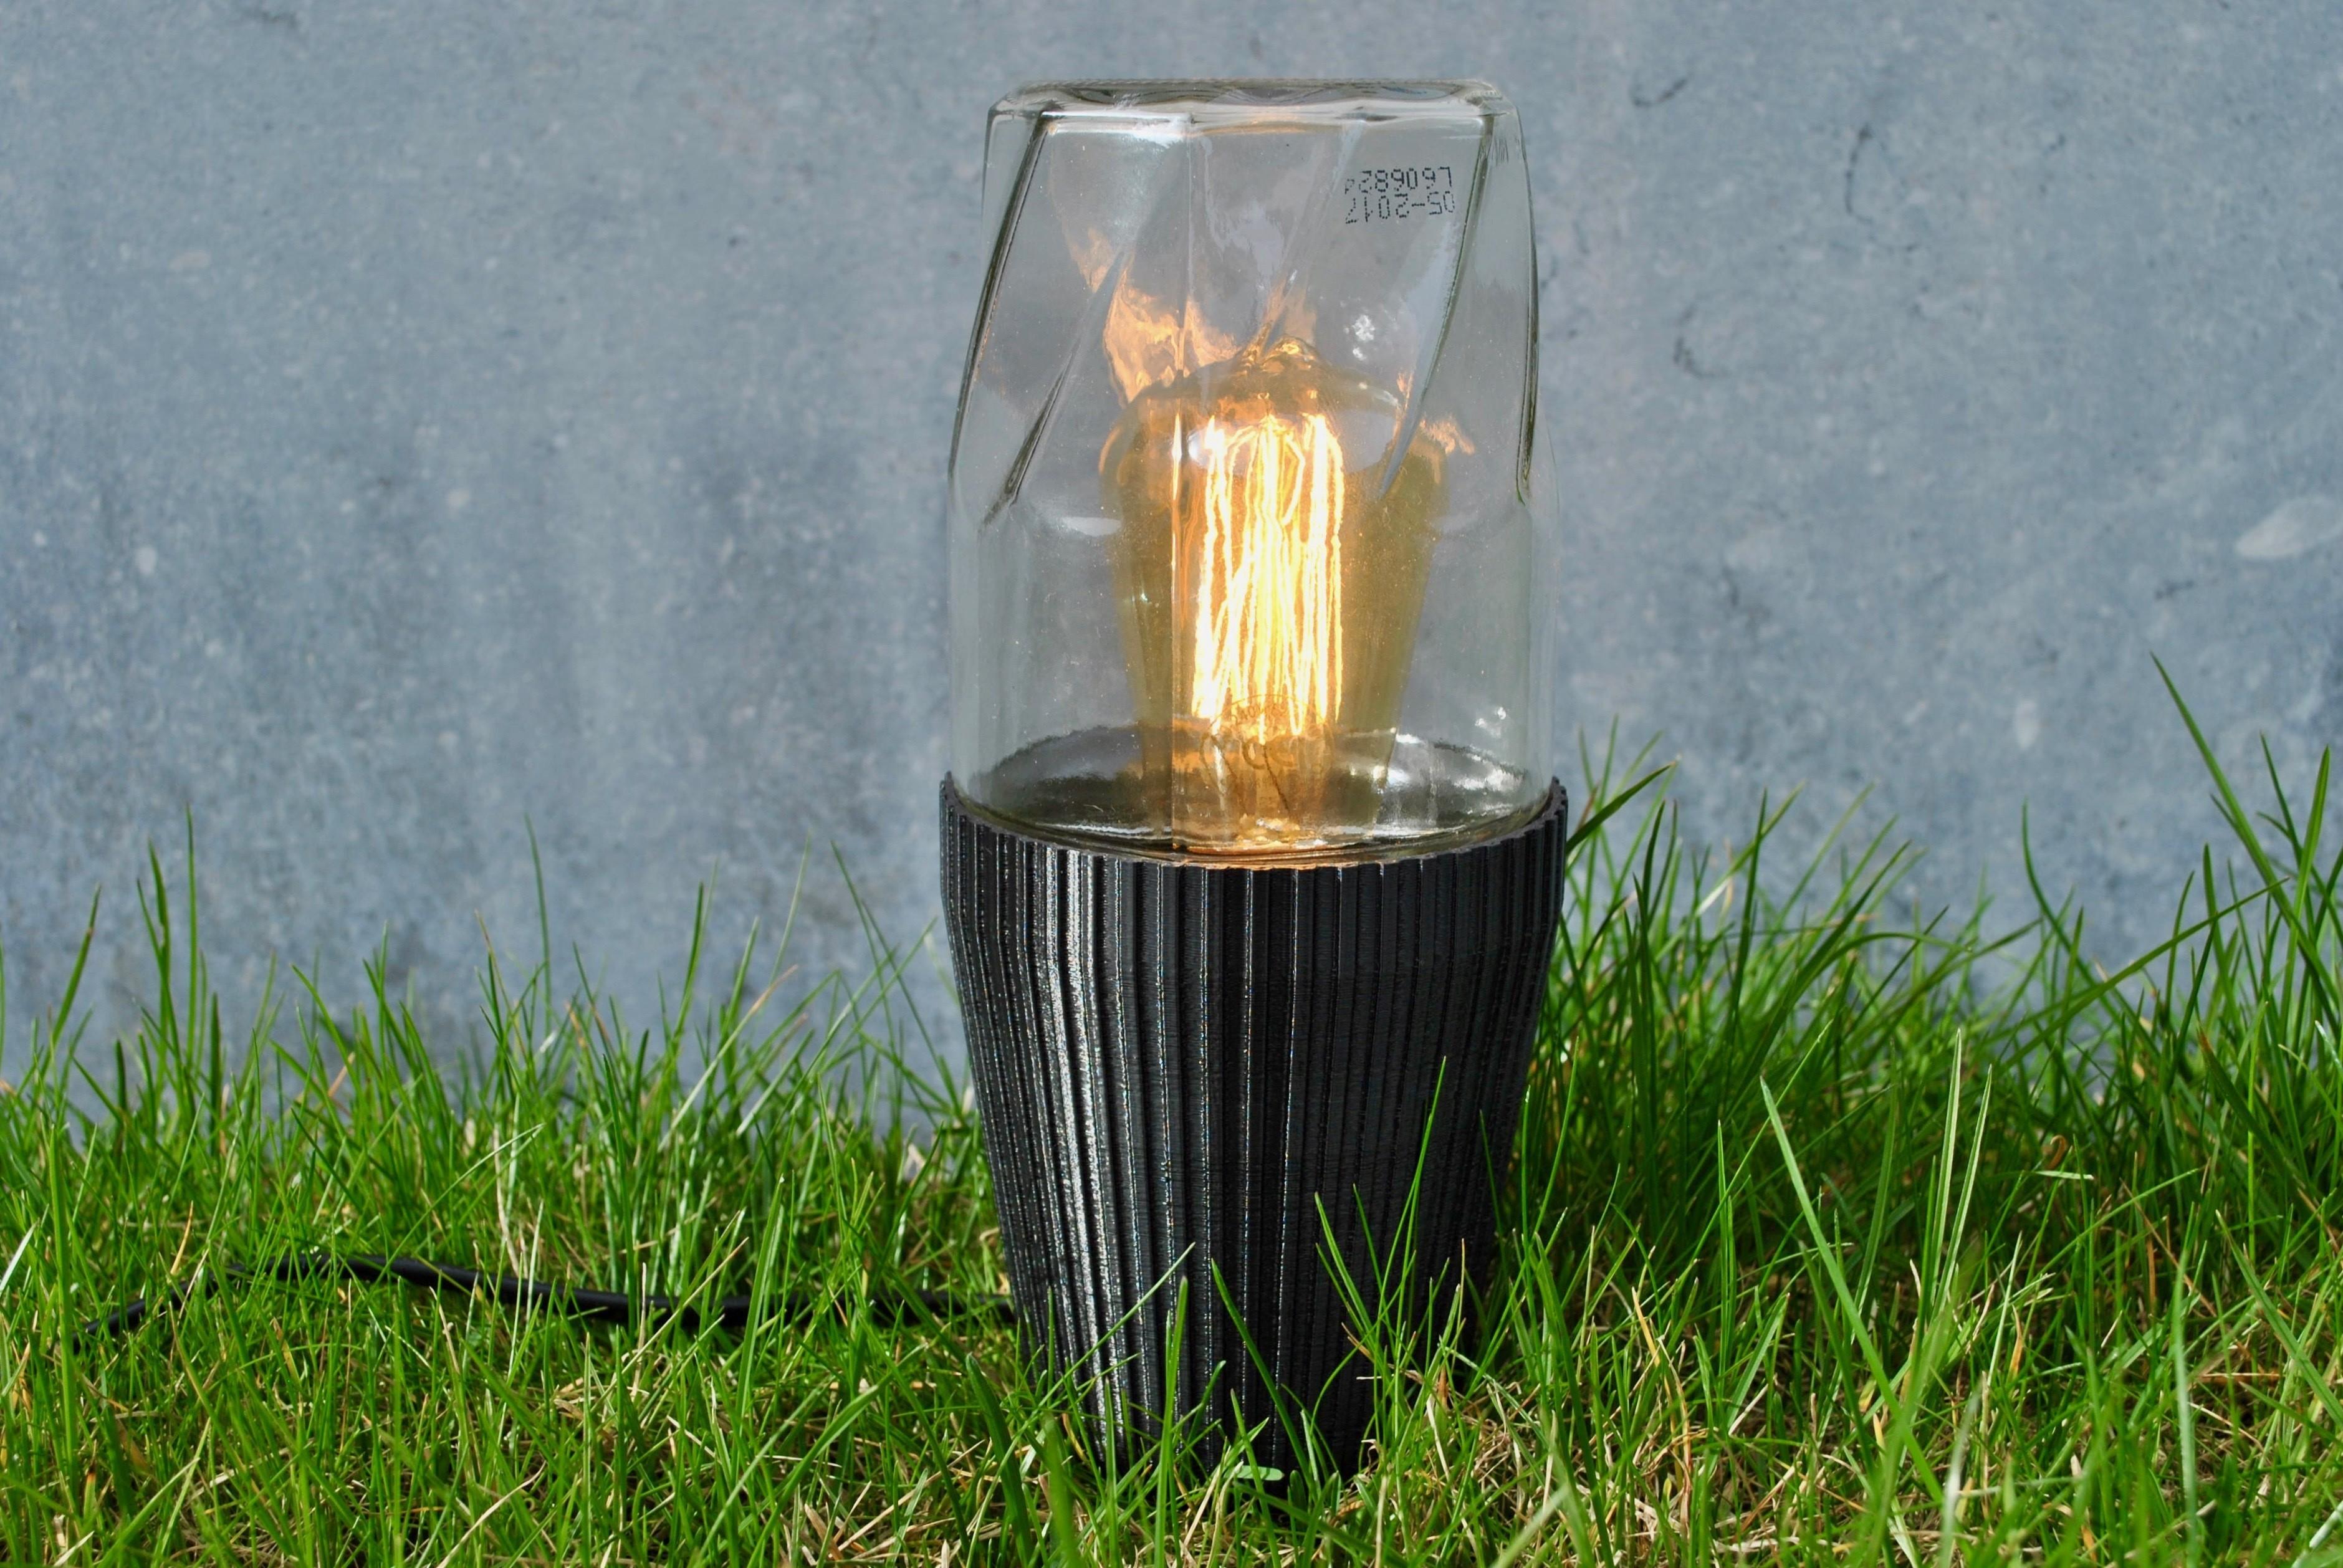 Lightbowl3.jpg Download free STL file Lampbowl • 3D print template, Maker_at_heart